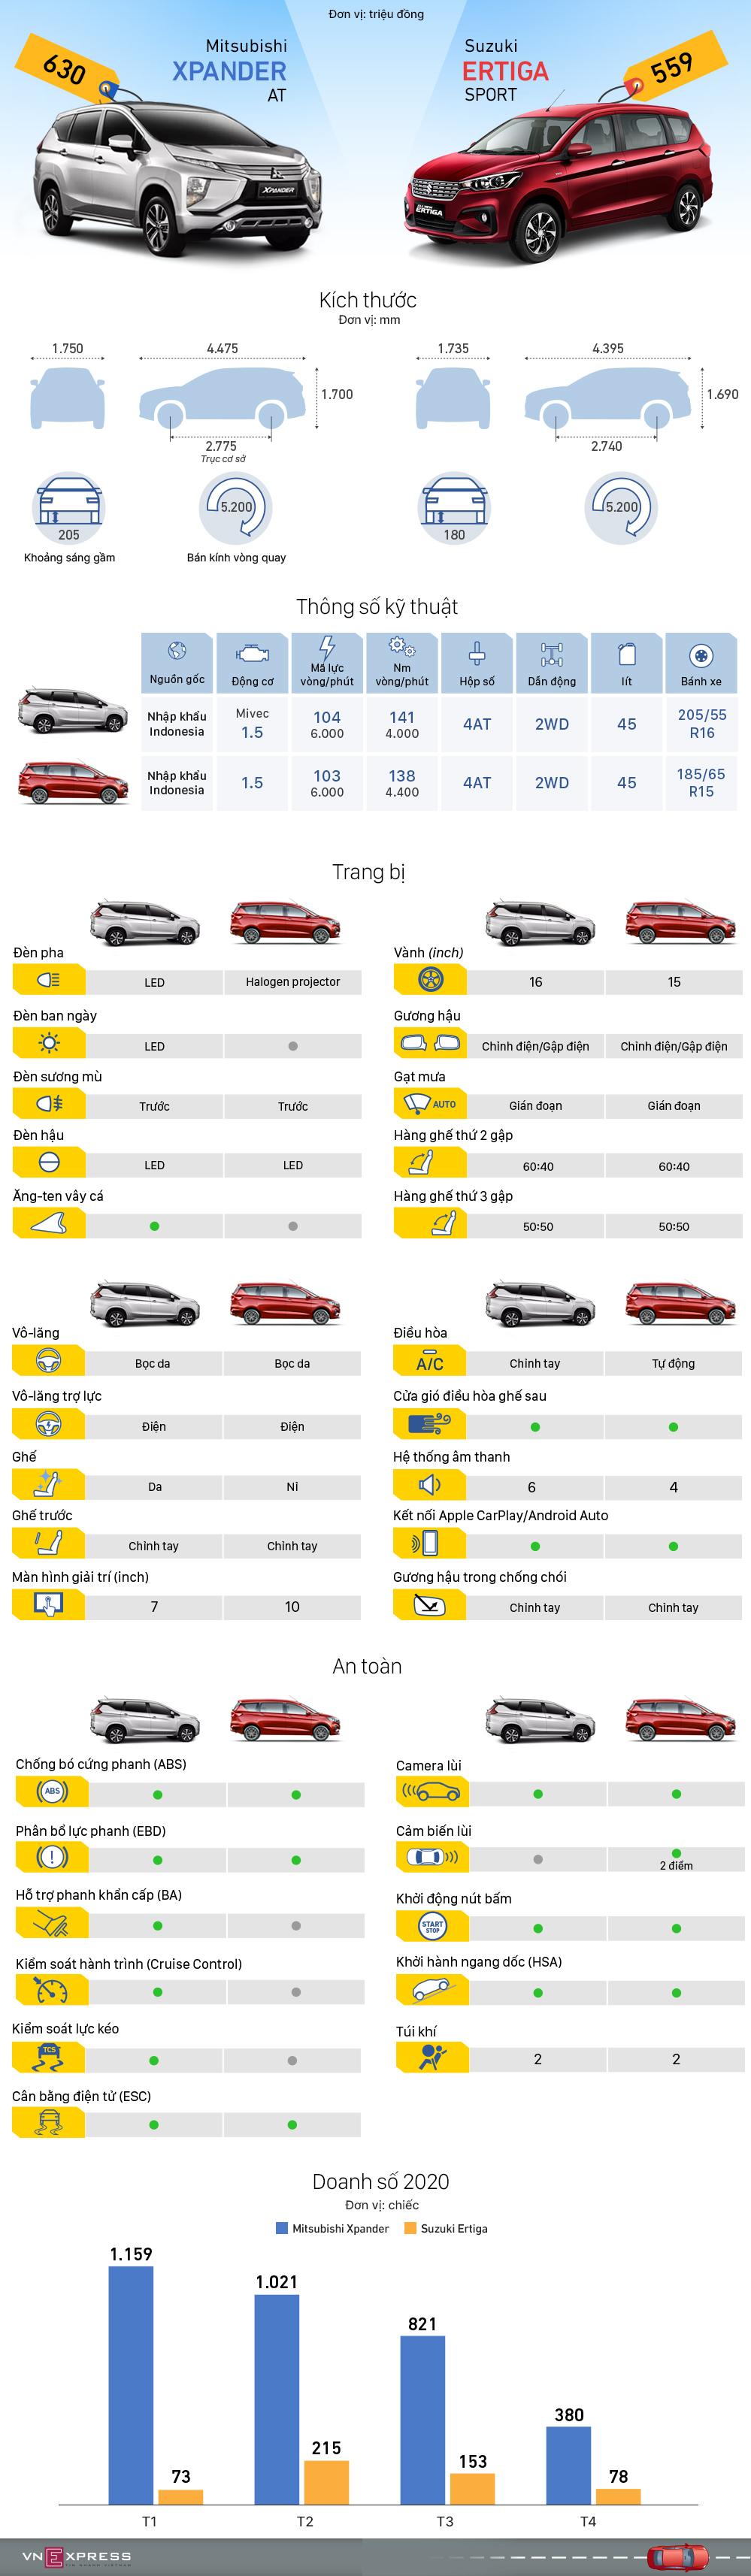 So sánh trang bị Xpander mới và Ertiga